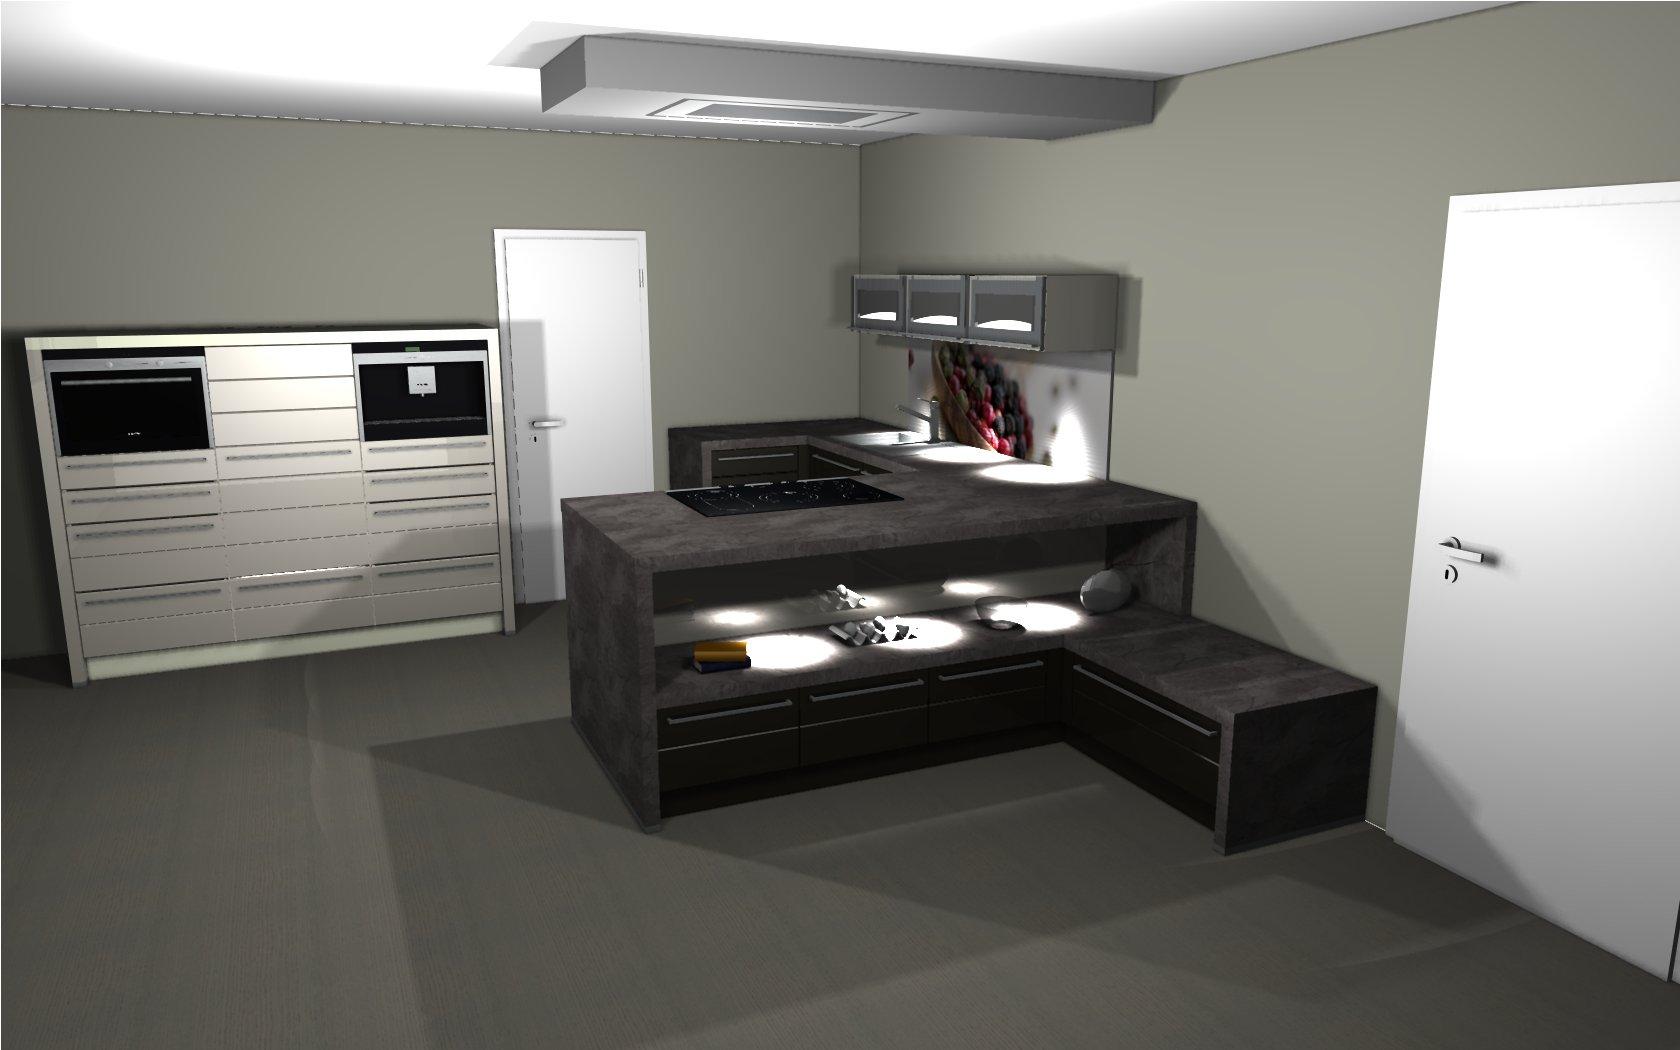 einbauk che von nolte 39 39 freie planung 39 39 den preis. Black Bedroom Furniture Sets. Home Design Ideas